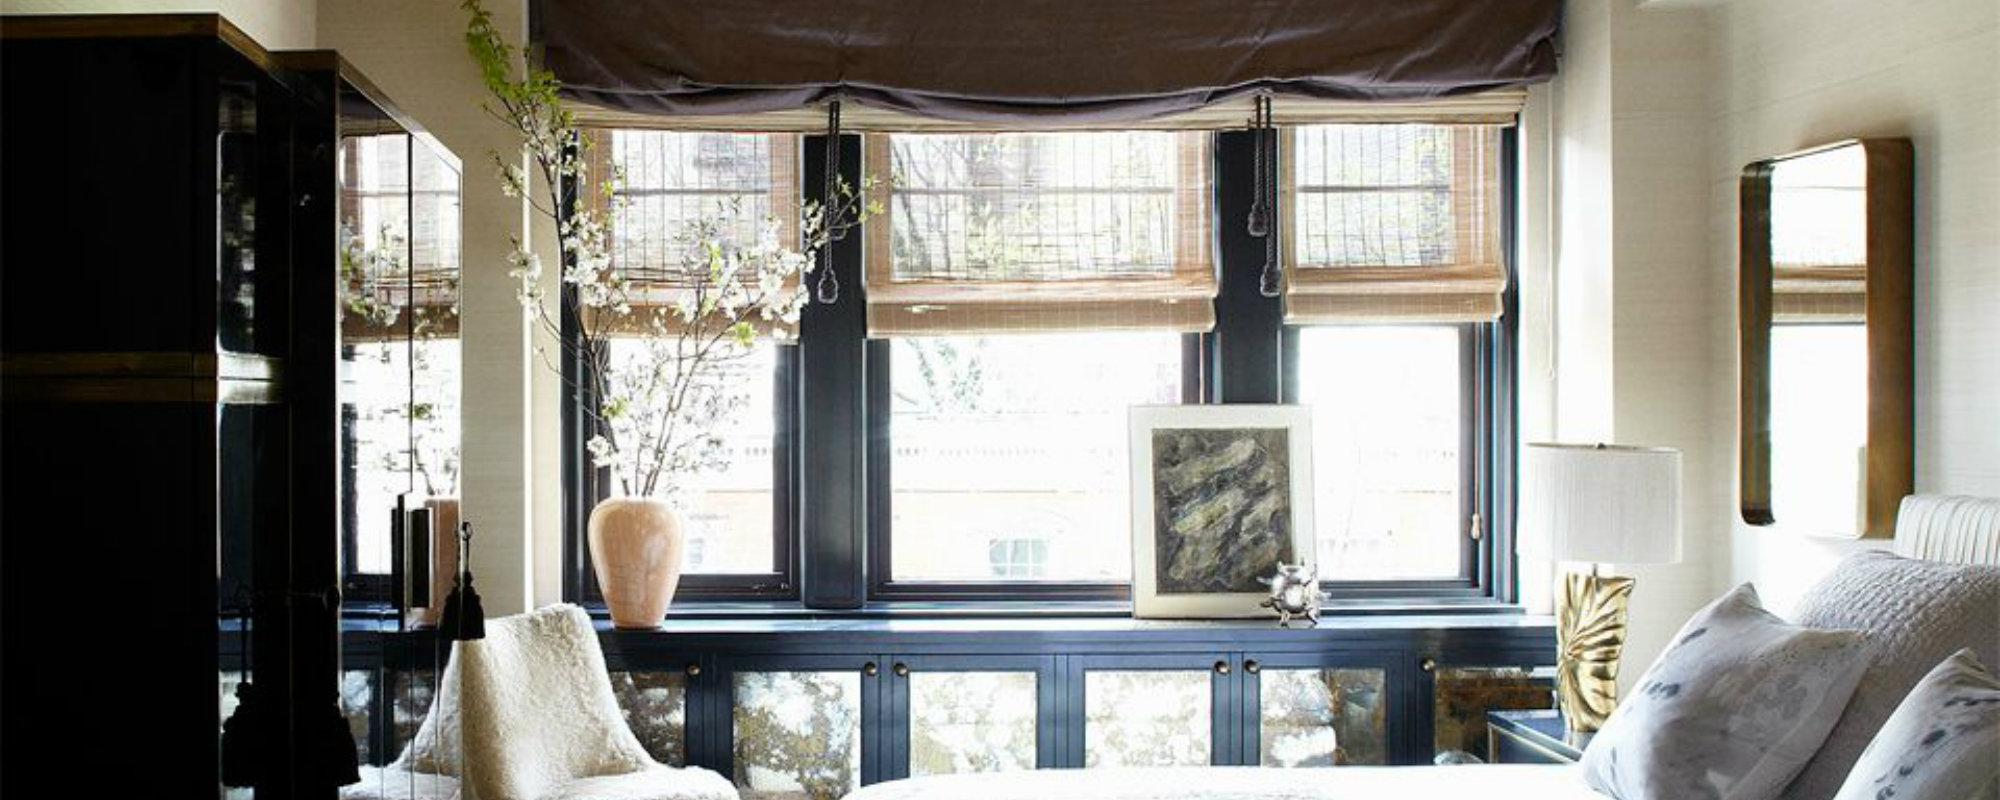 Ideas para Decorar: Tendencias de illuminacion para un dormitorio ideas para decora Ideas para Decorar: Tendencias de illuminacion para un dormitorio featured